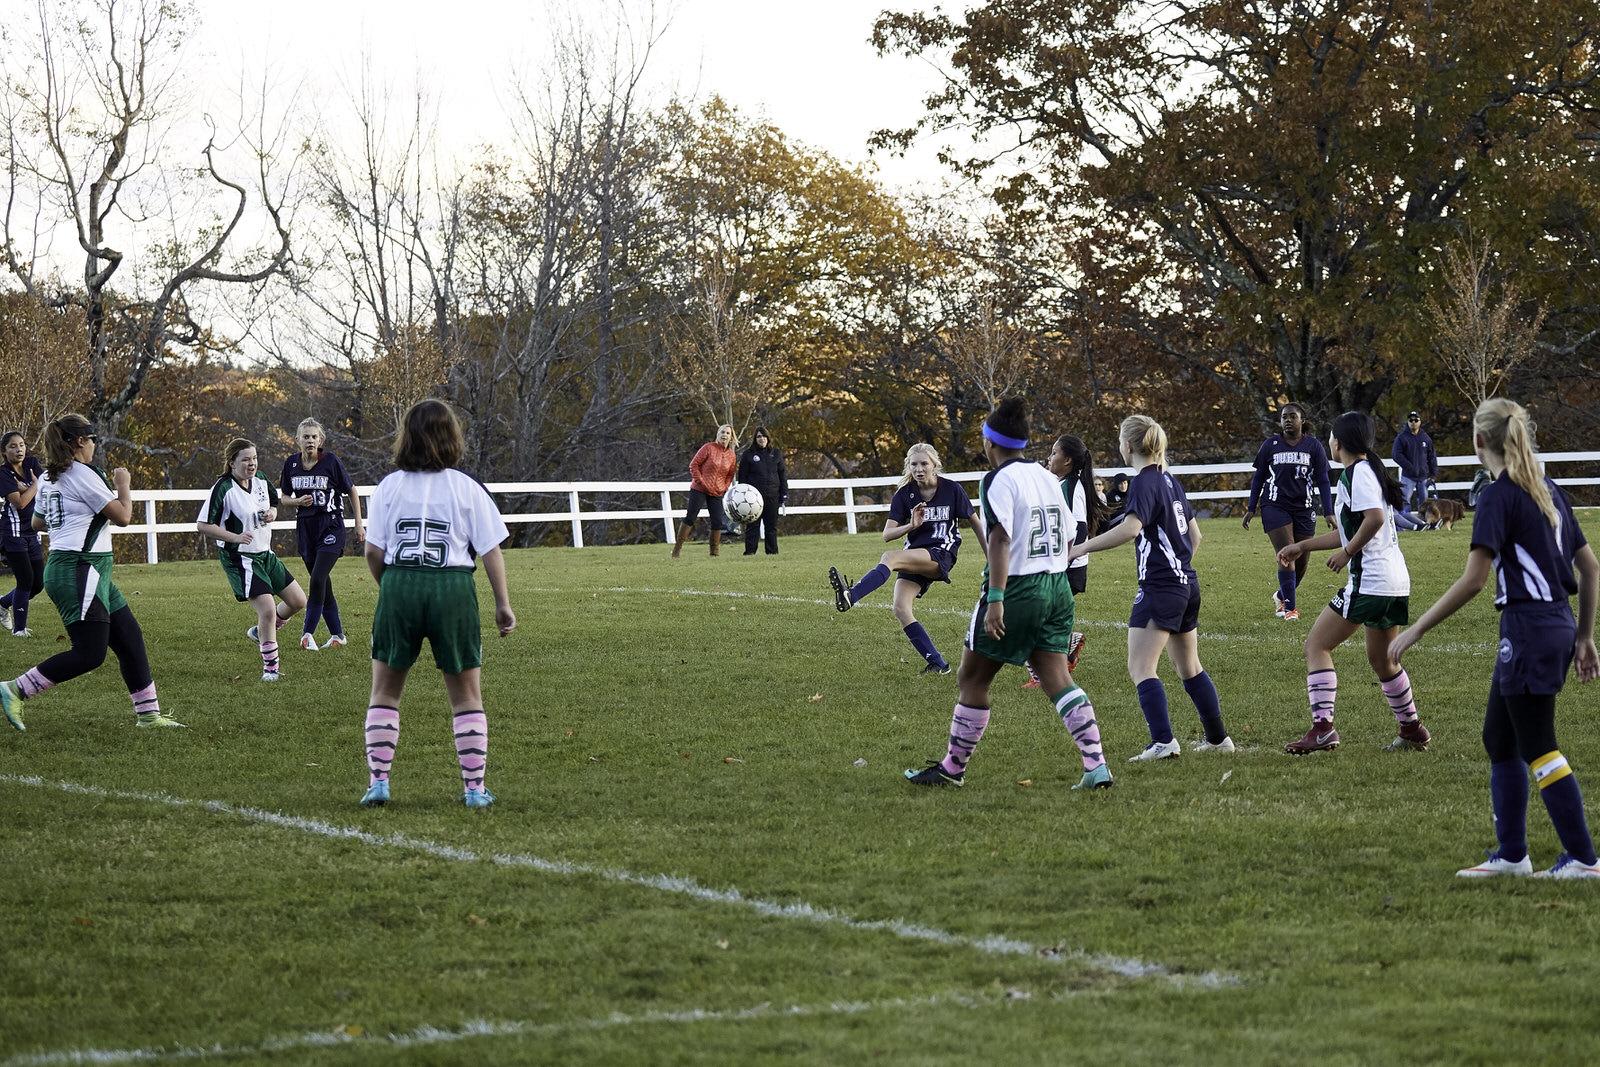 Girls Varsity Soccer vs. Eagle Hill School - October 30, 2018 139130.jpg